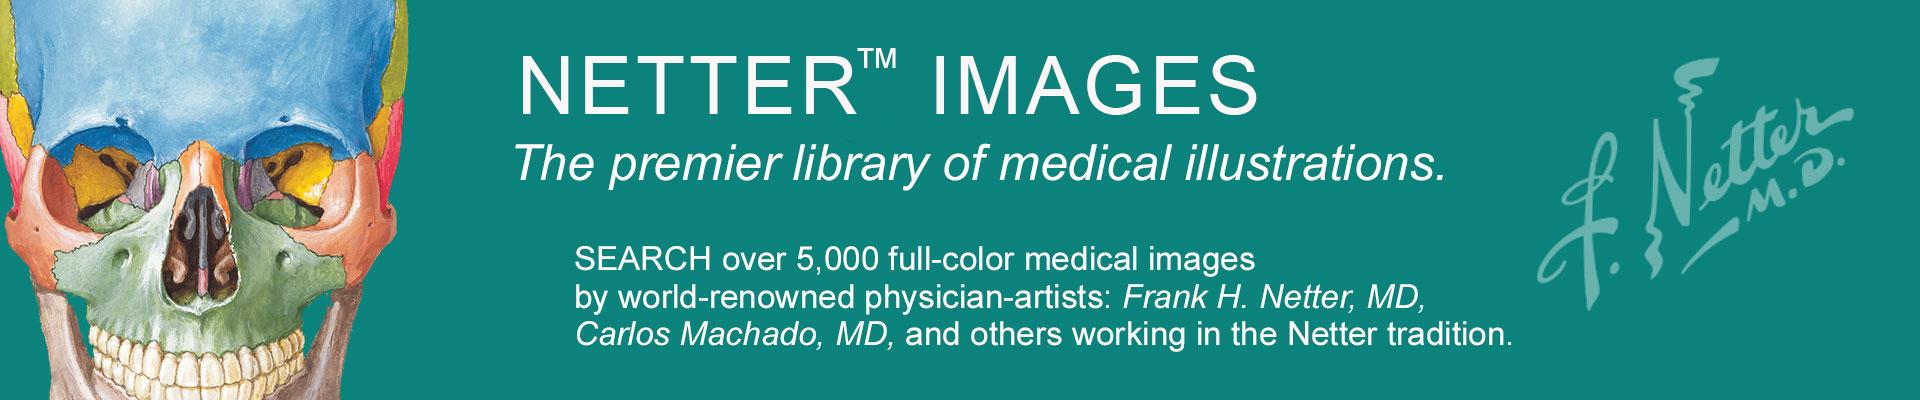 LexisNexis MedMal Navigator Adds Netter Images